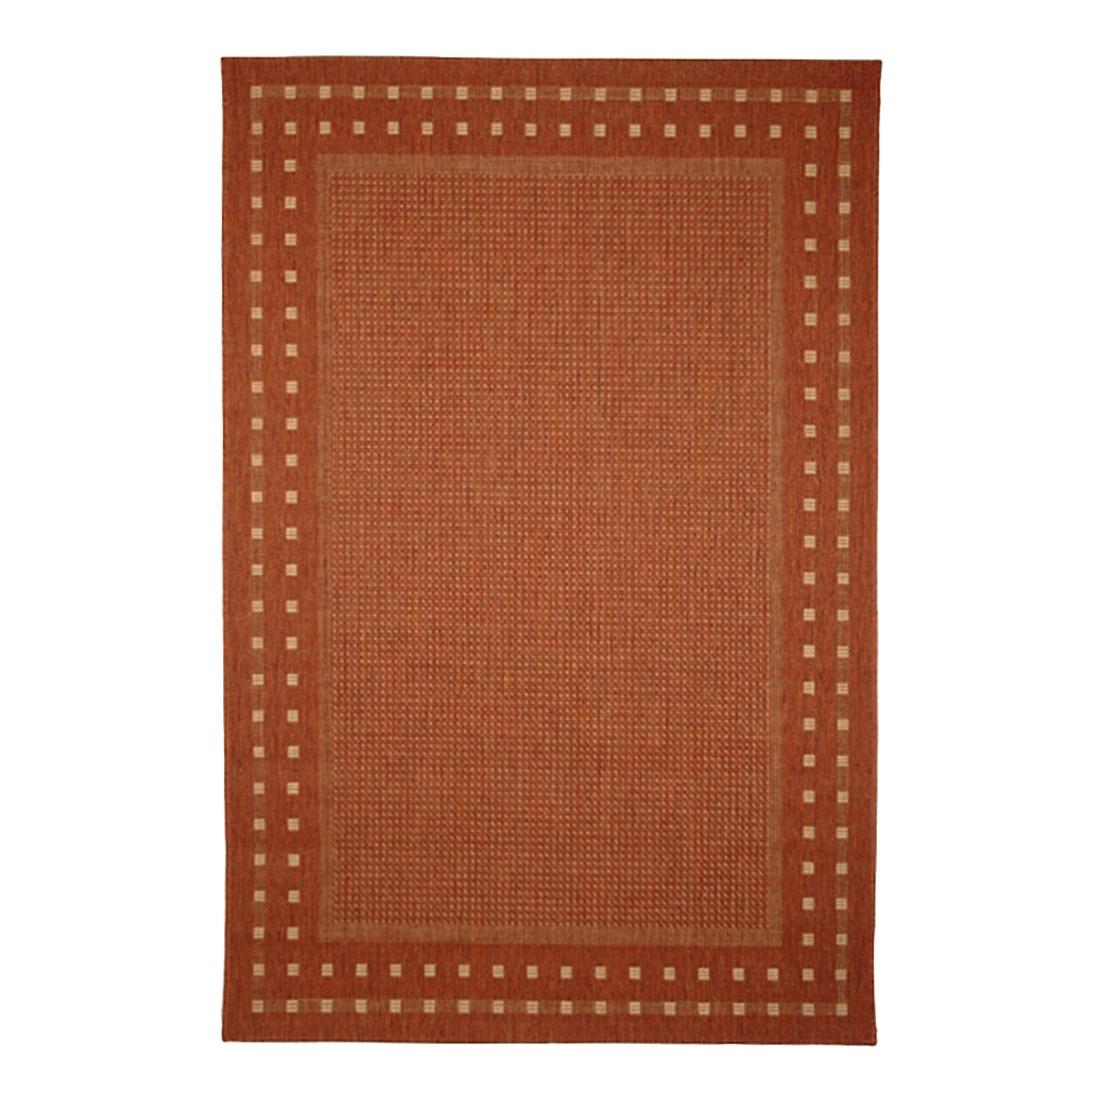 Teppich Cottage 5367 – Terra – 350 x 67 cm, KC-Handel jetzt bestellen